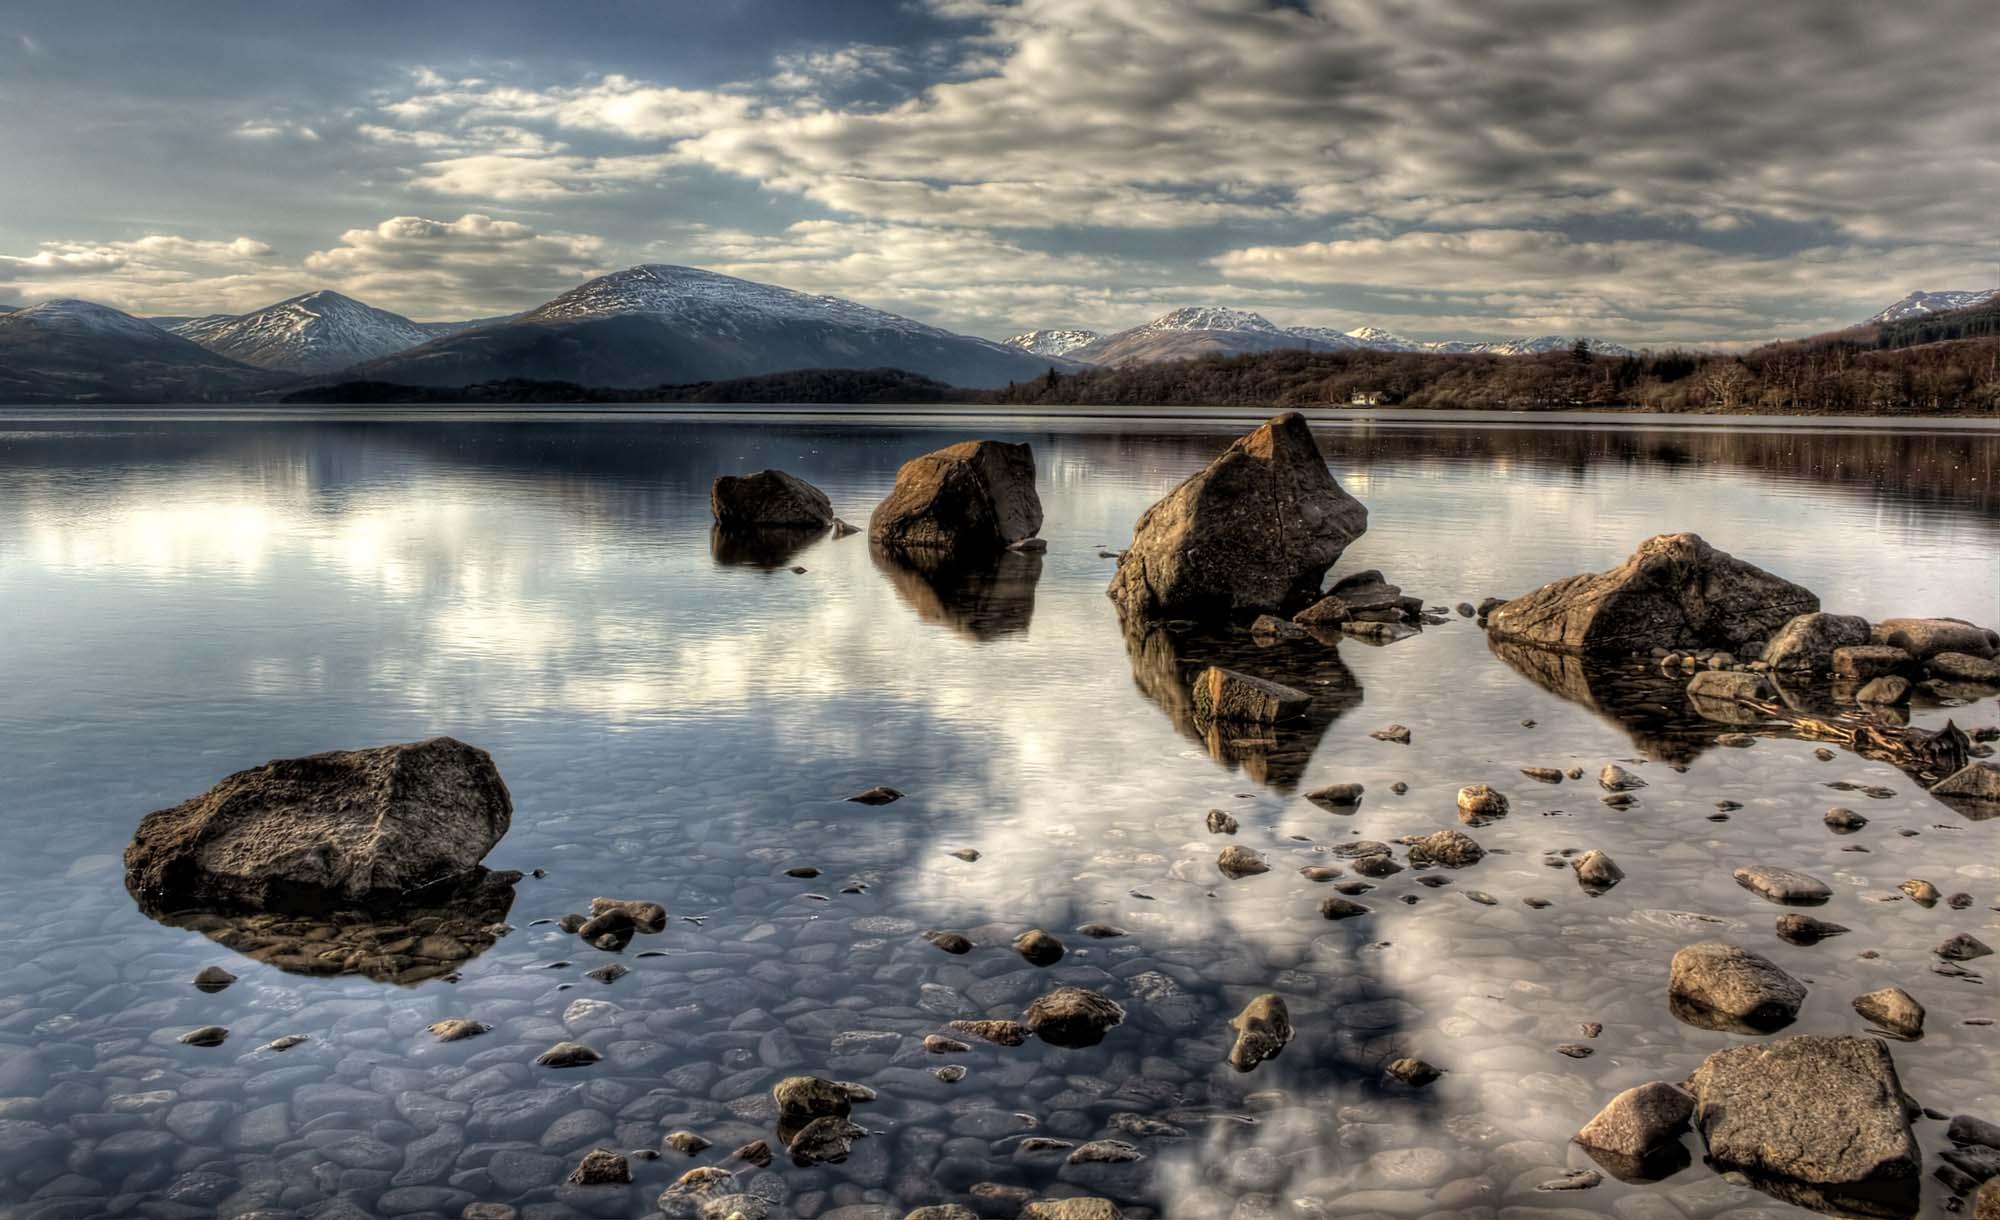 Loch lomond L5